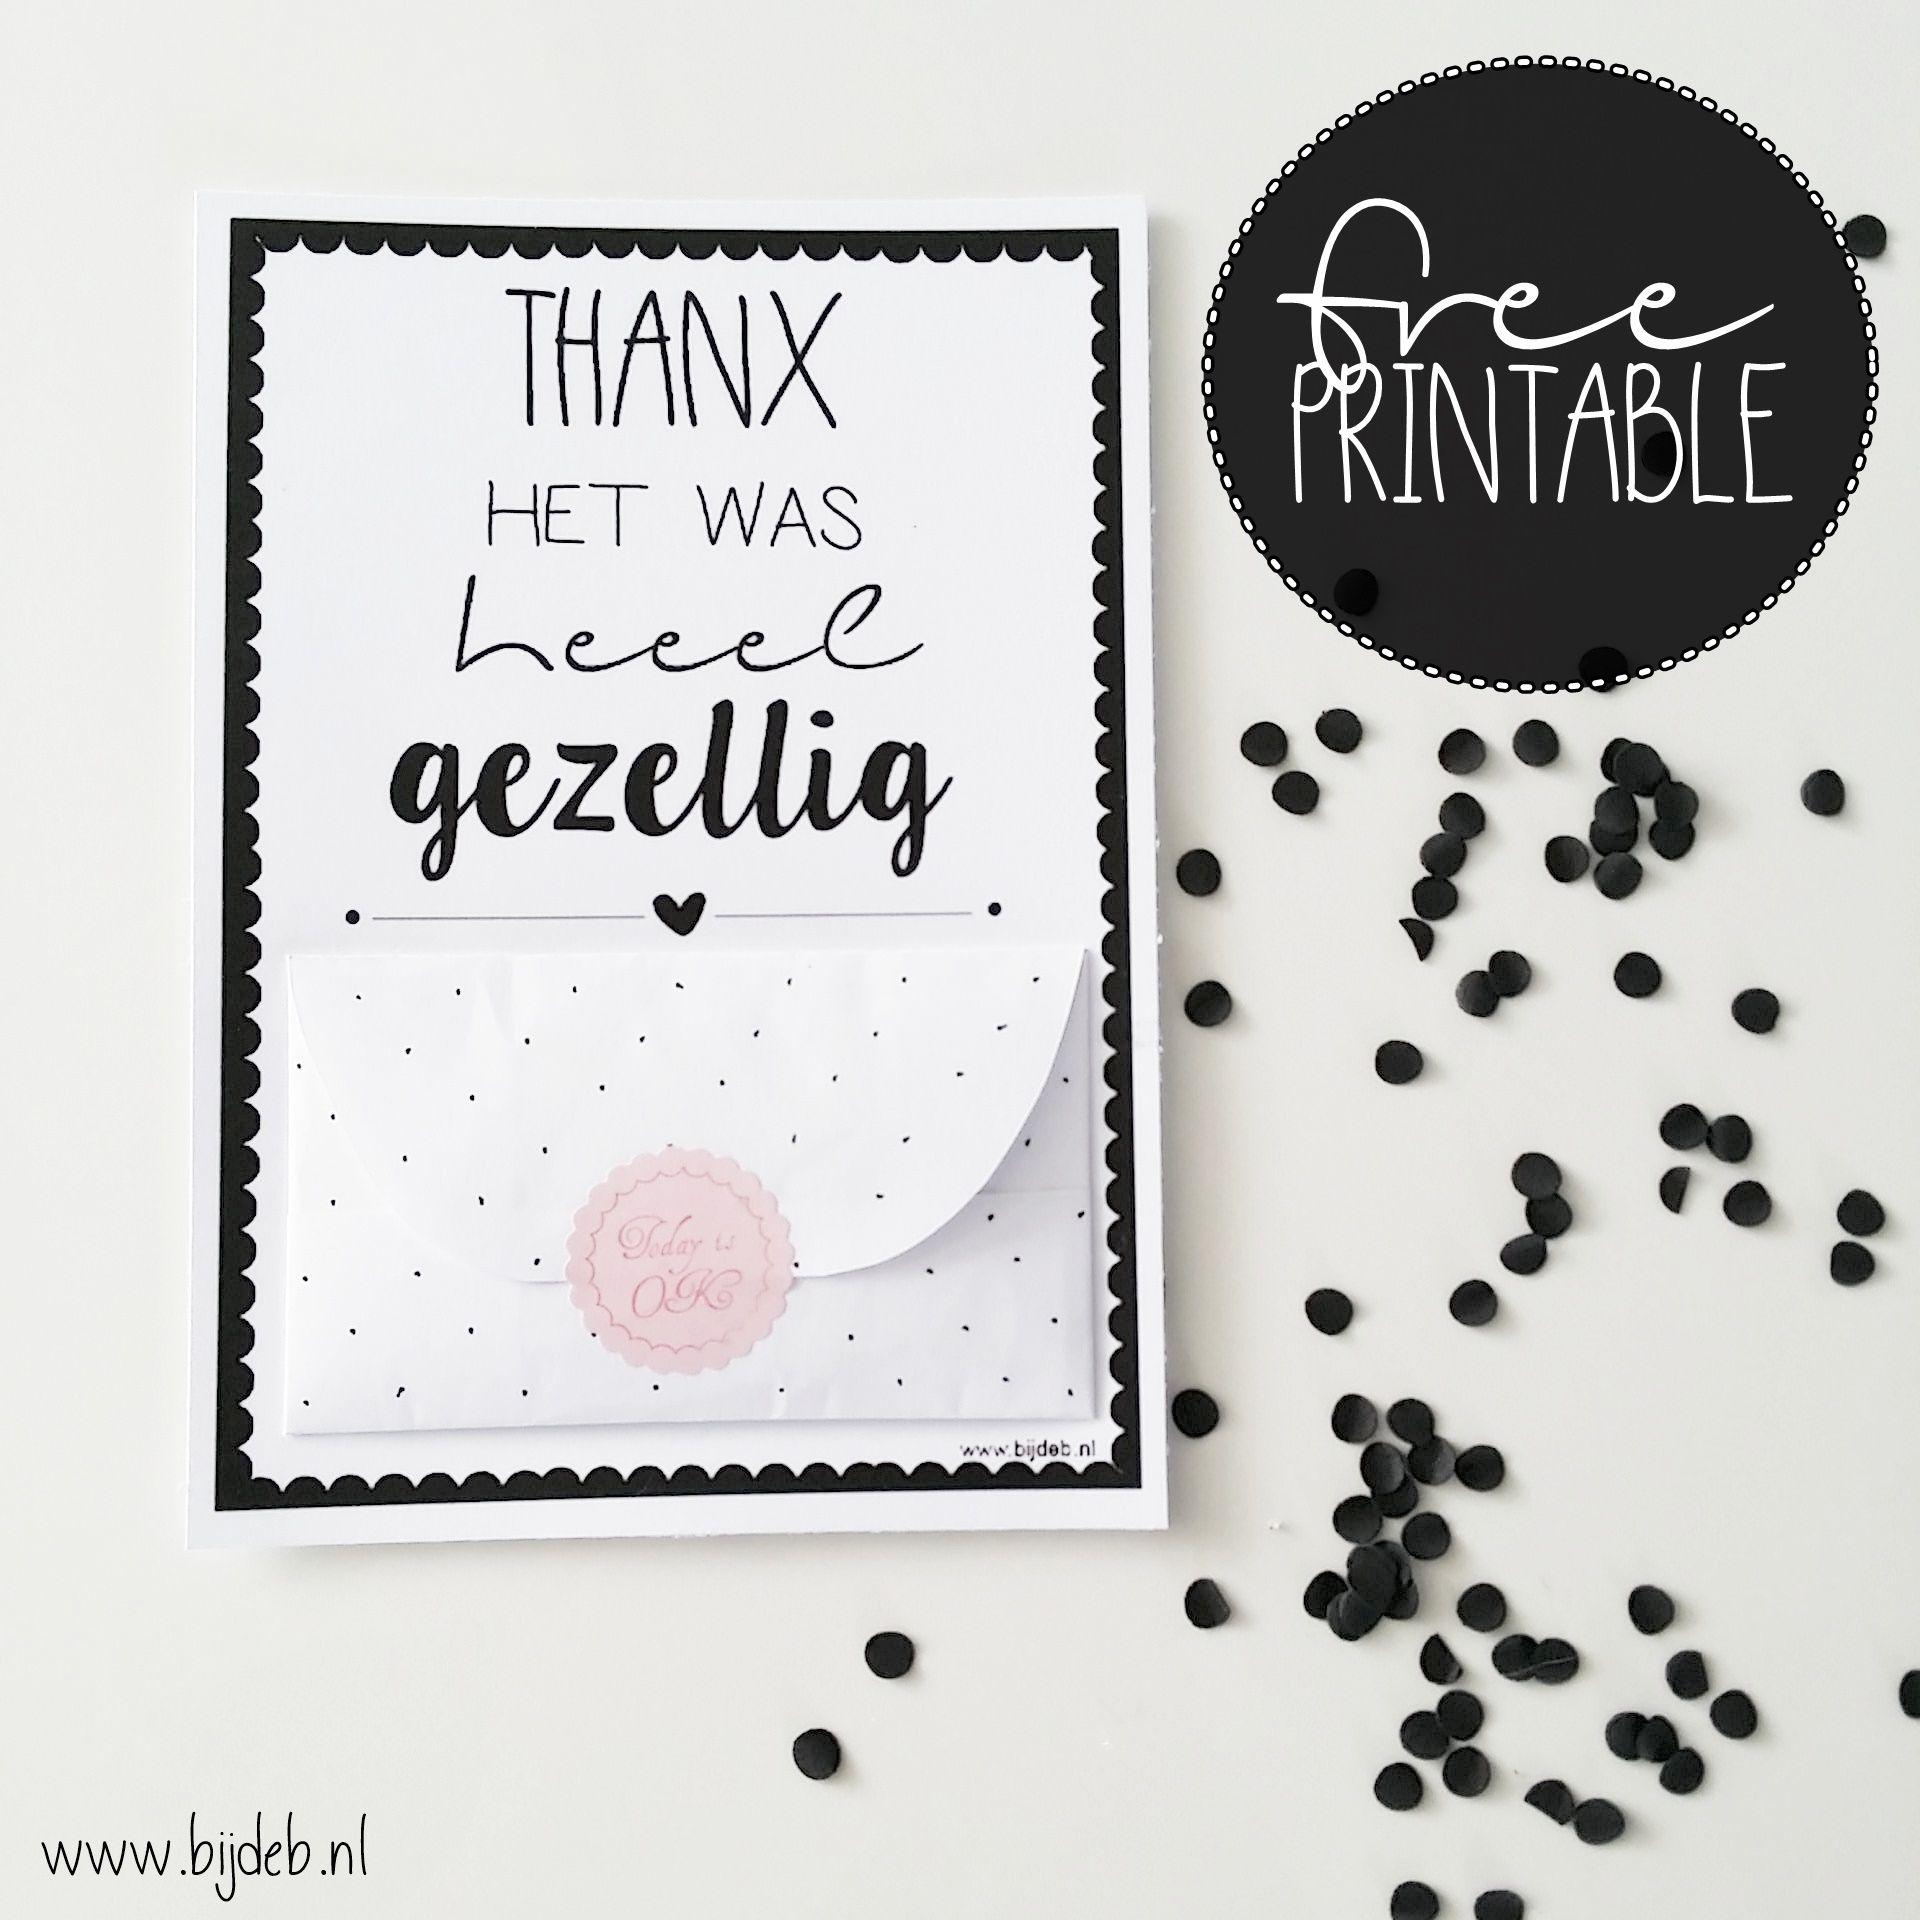 Nieuw Free printable A6 bedankt kaart met geld envelopje ook zelf maken WN-23